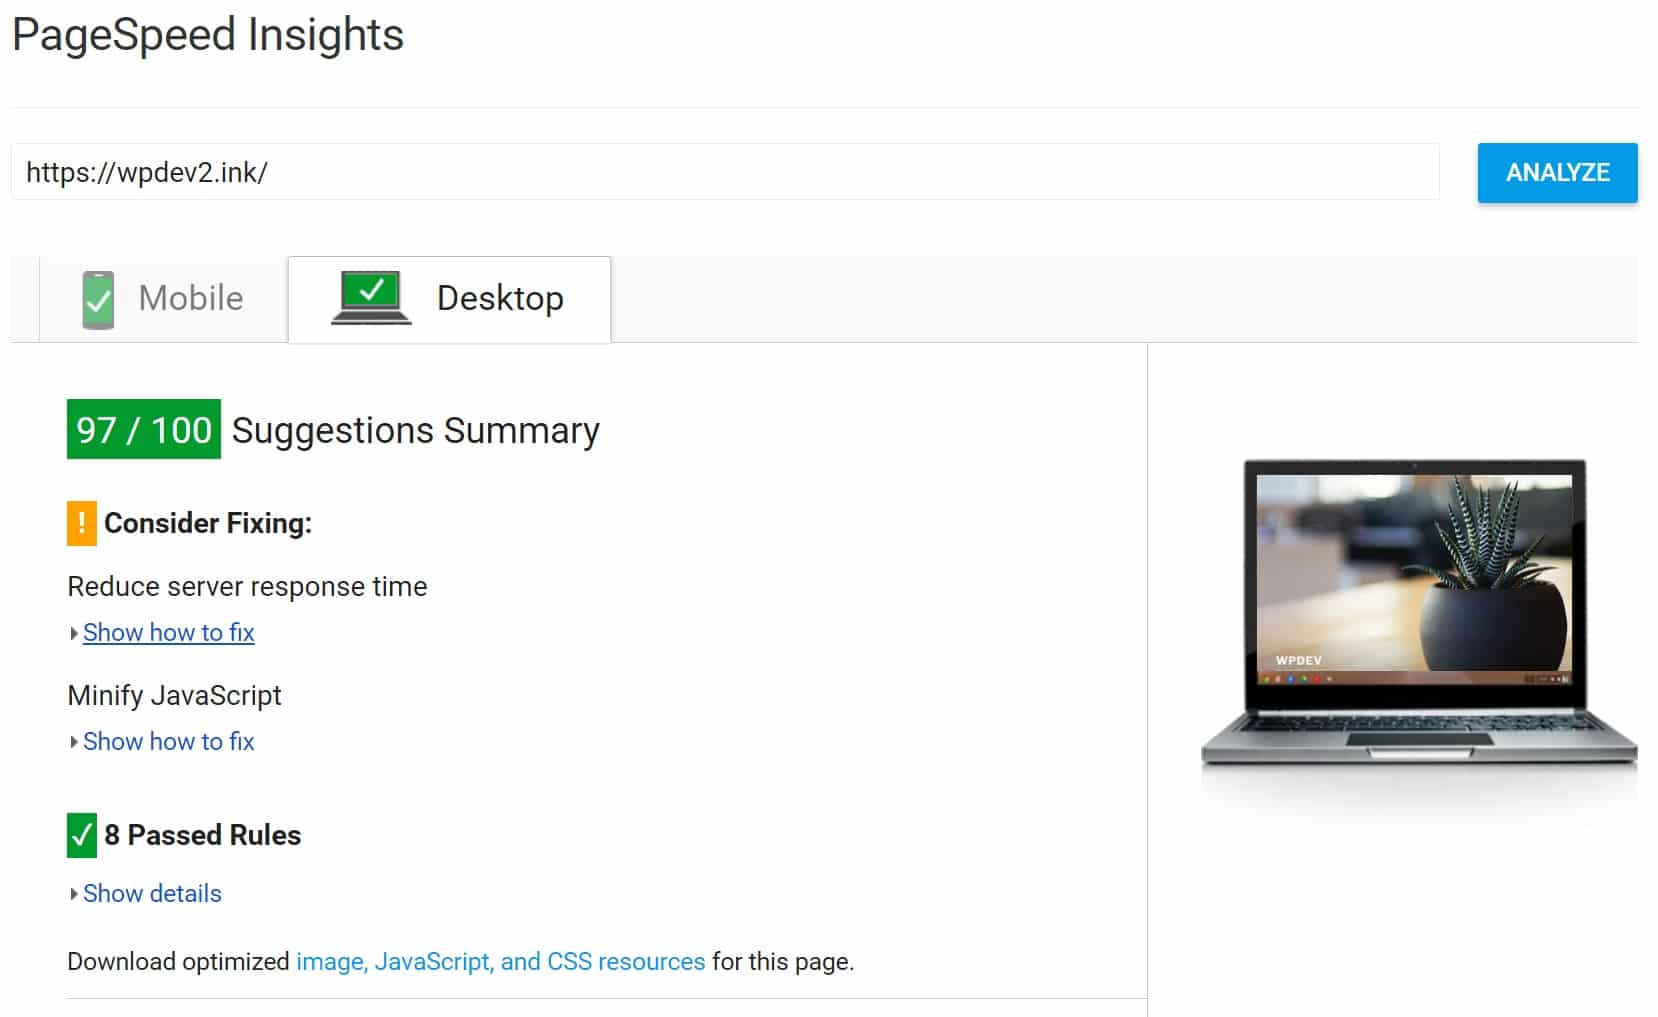 ブラウザのキャッシュを活用する警告の修正後のPageSpeed Insights